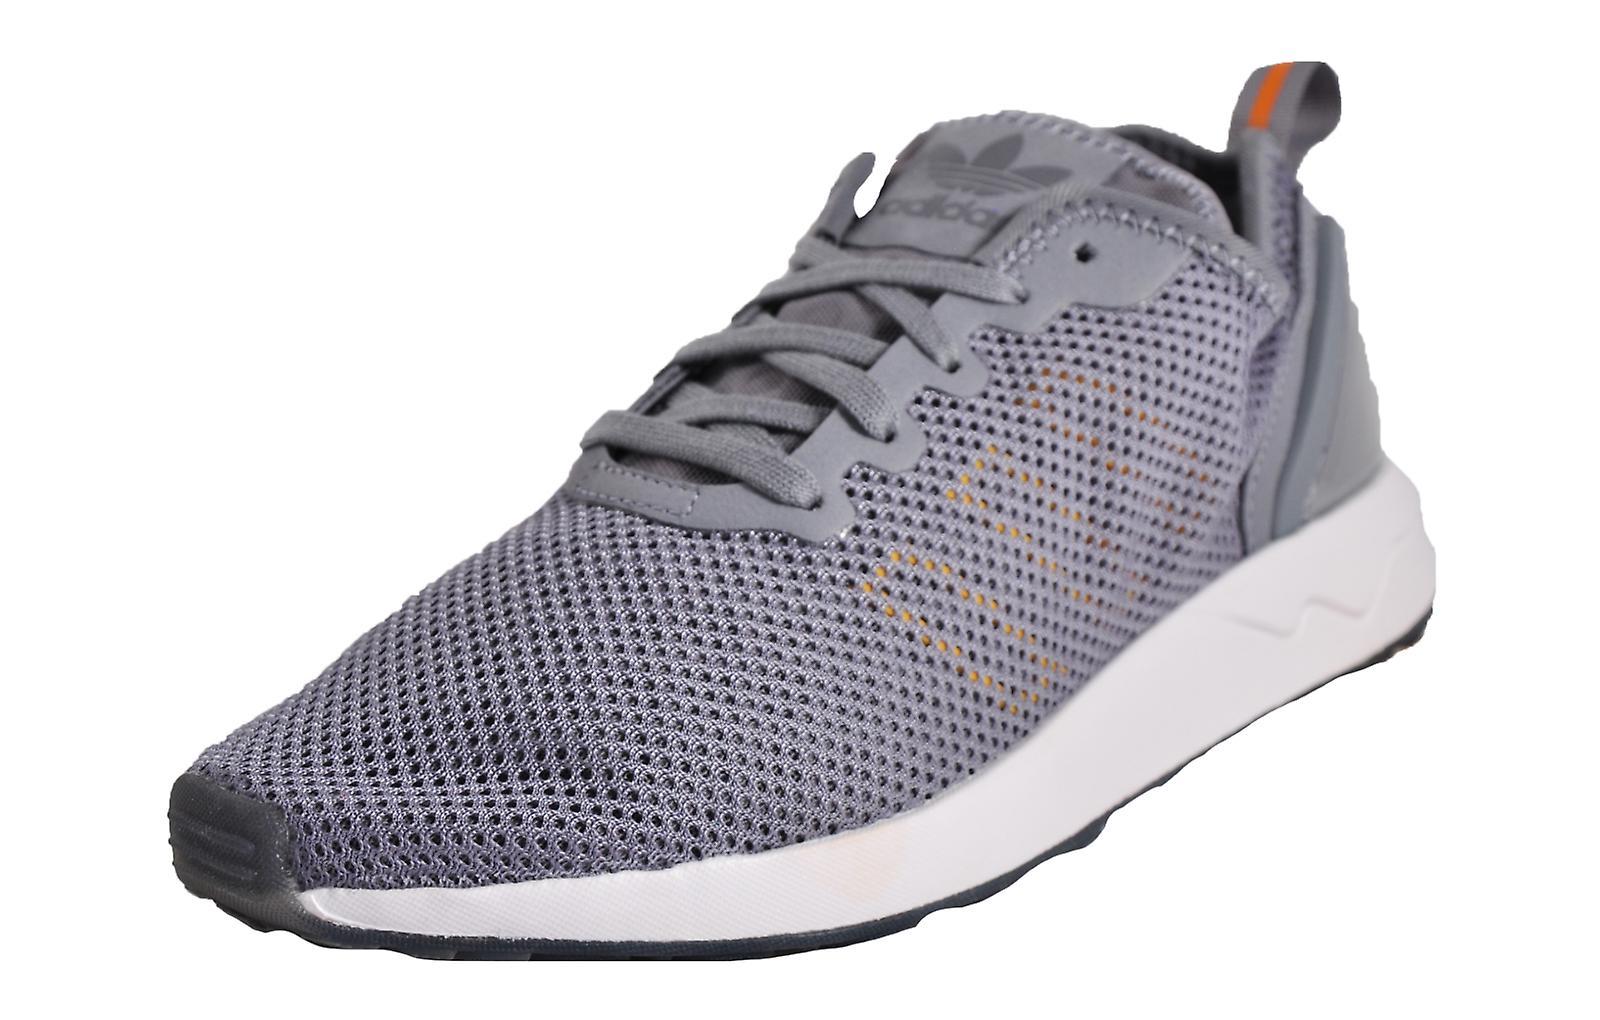 Adidas Originals ZX Flux ADV SL Junior Grey / White